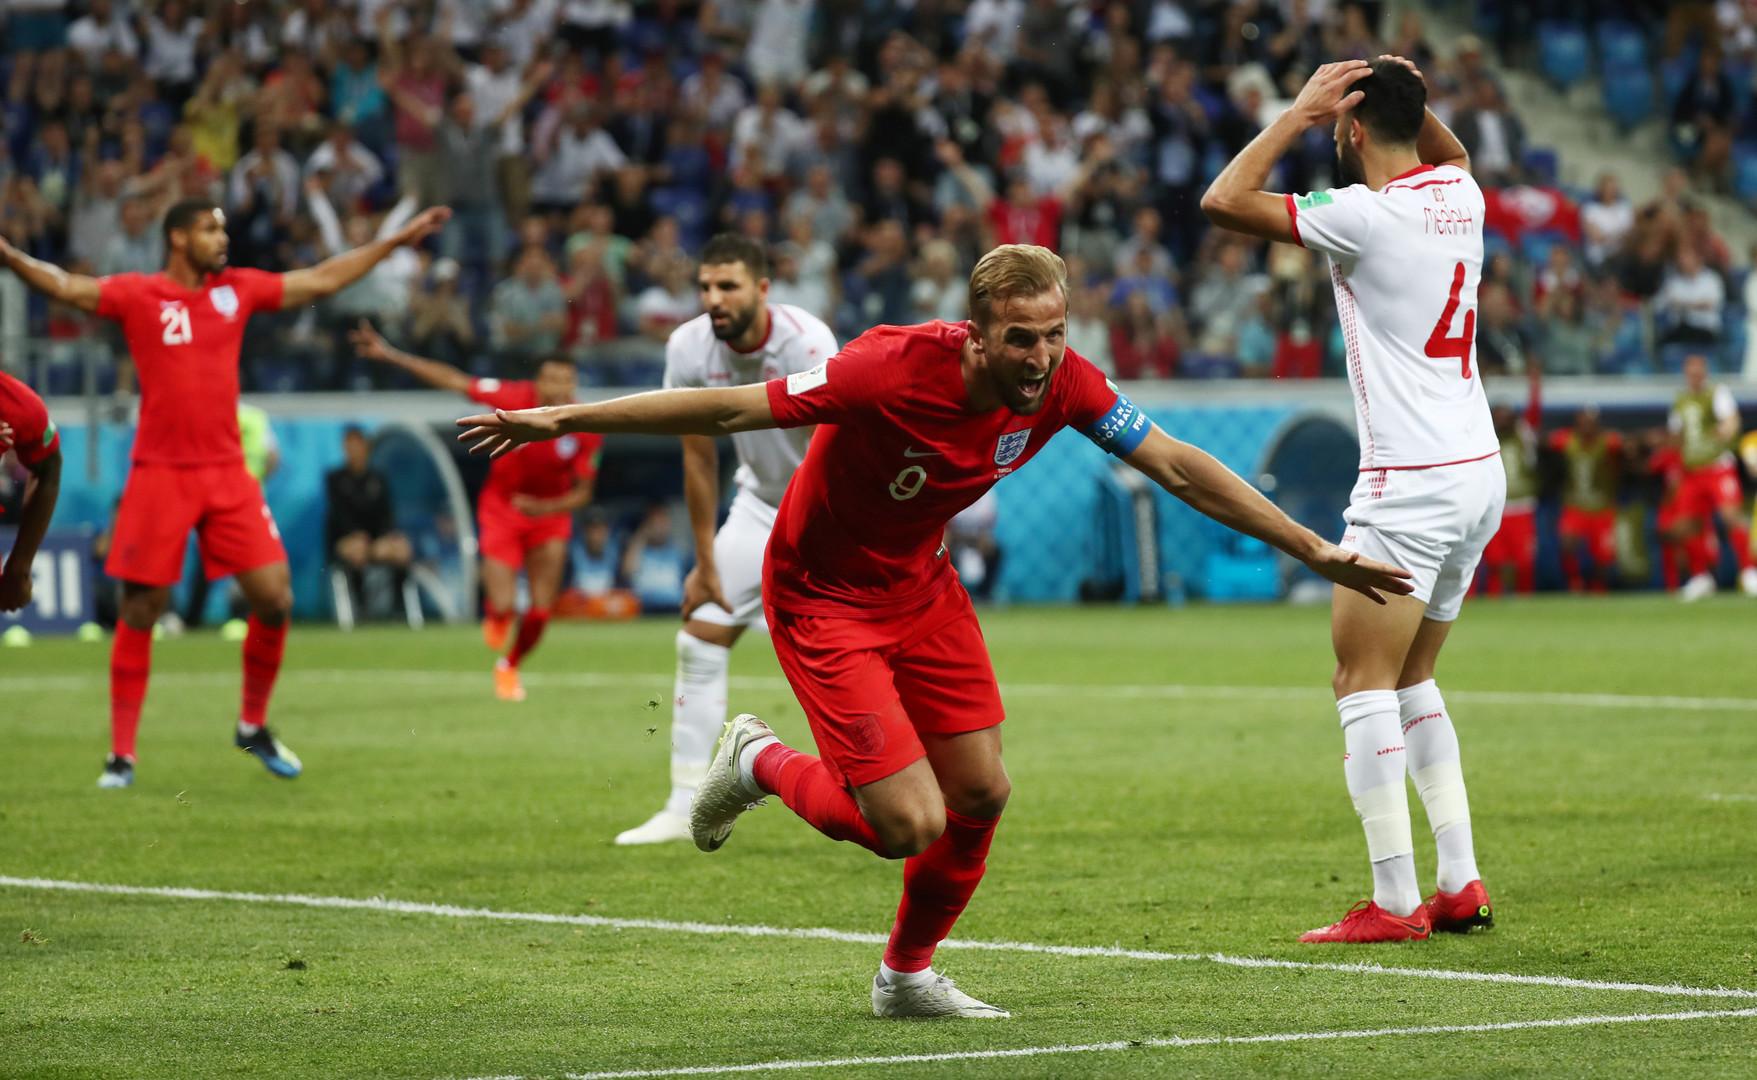 بهدف قاتل..فوزا ثمينا لإنجلترا أمام تونس